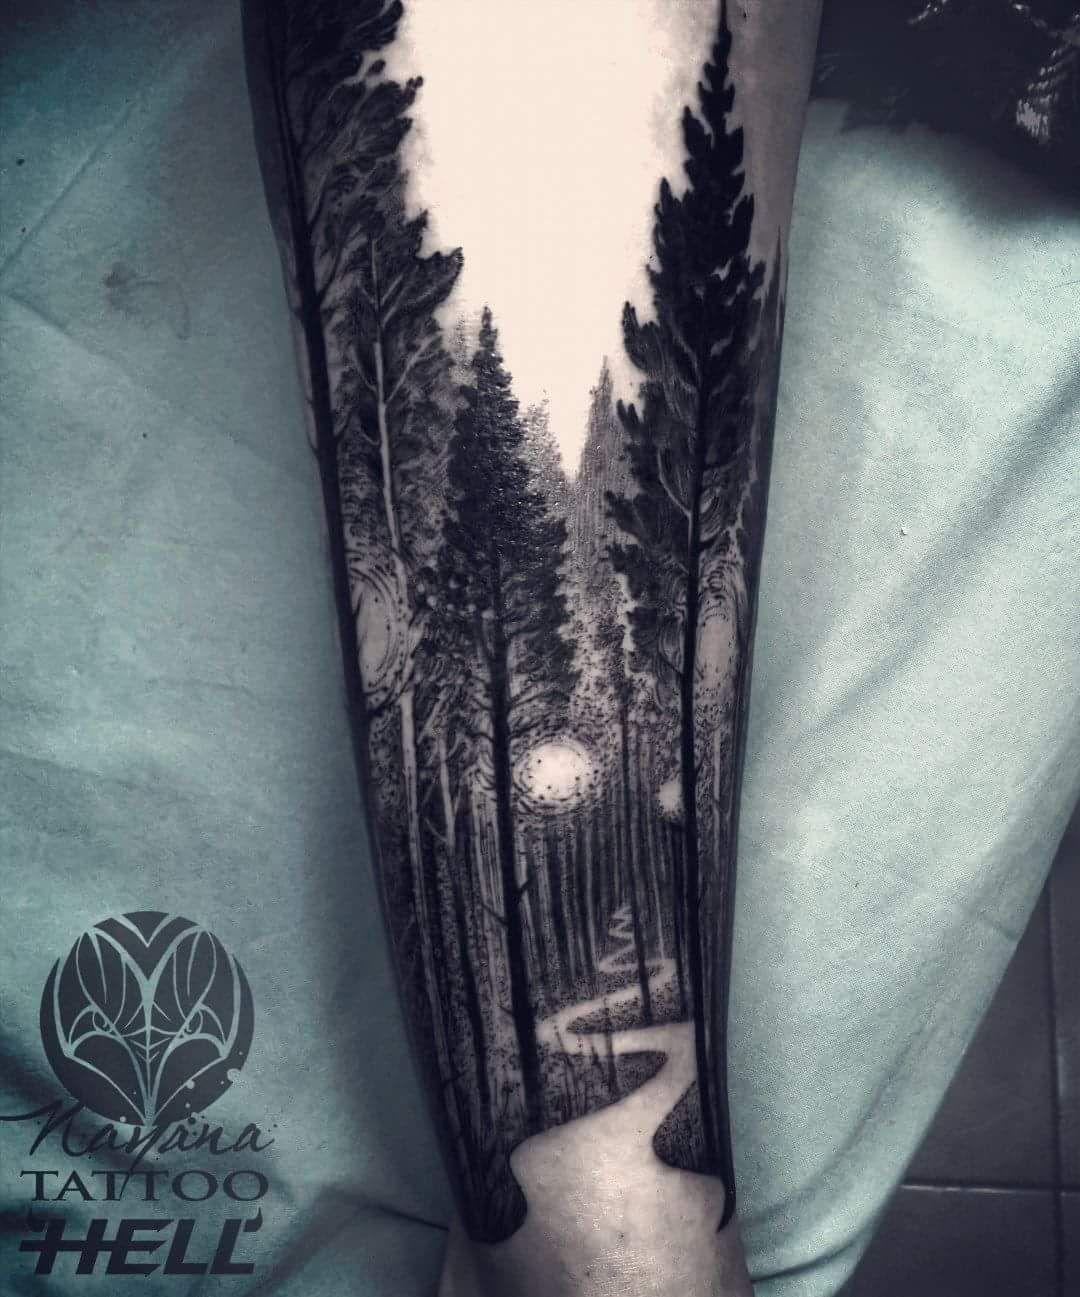 эскизы тату Tatoo Sketch лучшие татуировки Tattoos черная